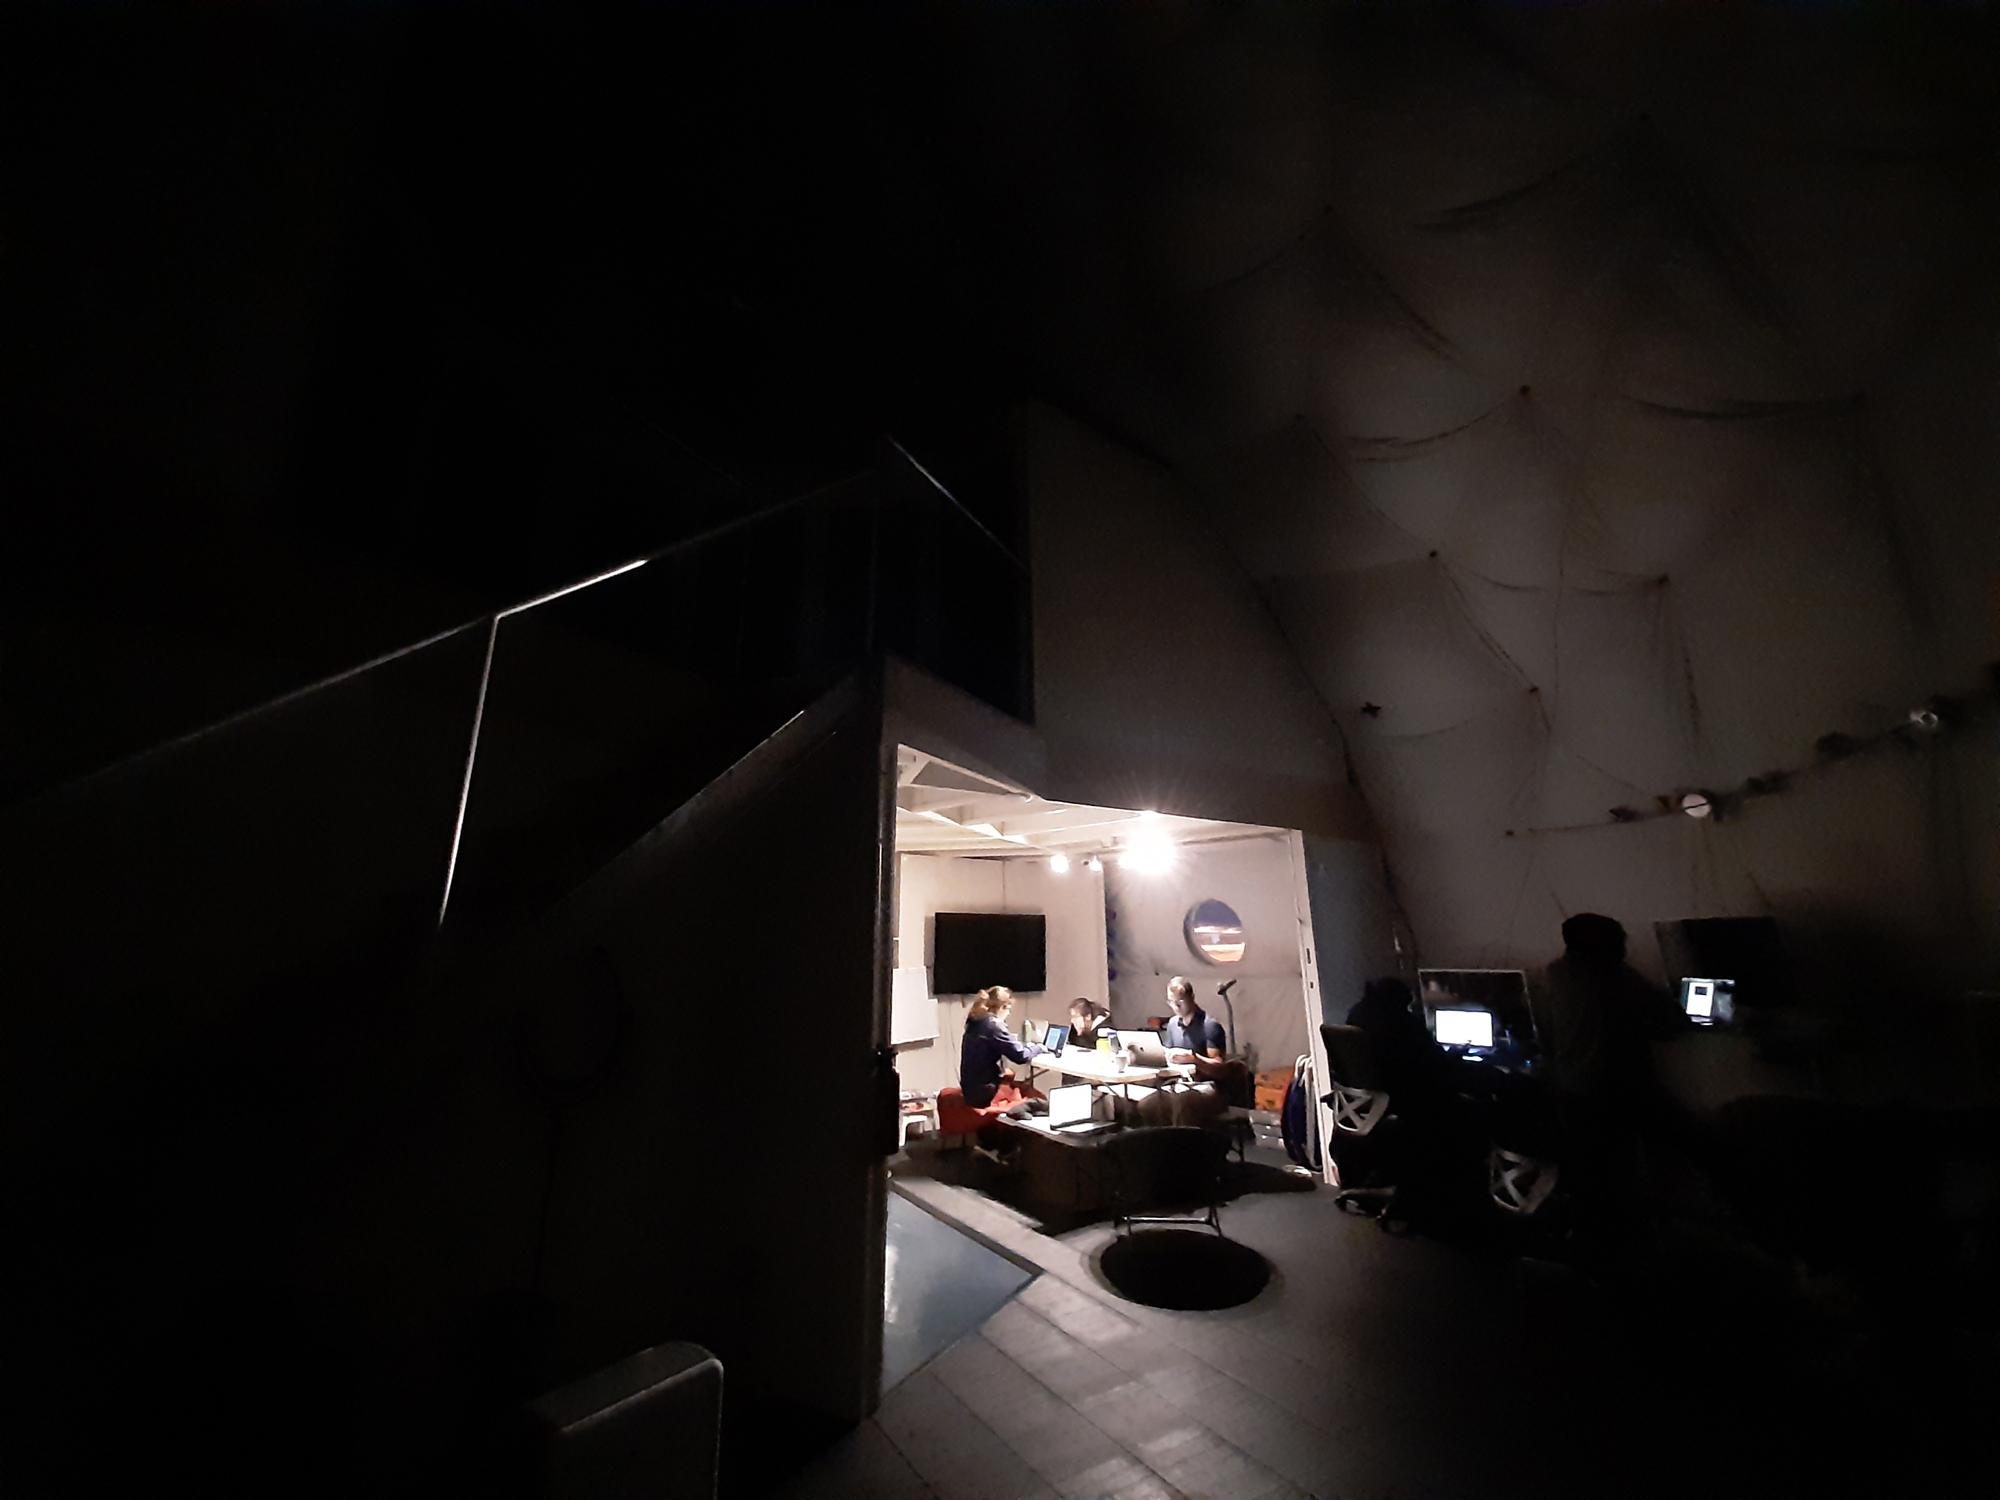 Mode basse consommation dans l'habitat.  Pour économiser l'énergie, l'équipage n'utilise que les appareils les plus vitaux de l'habitat et n'allume qu'une seule lumière la nuit.